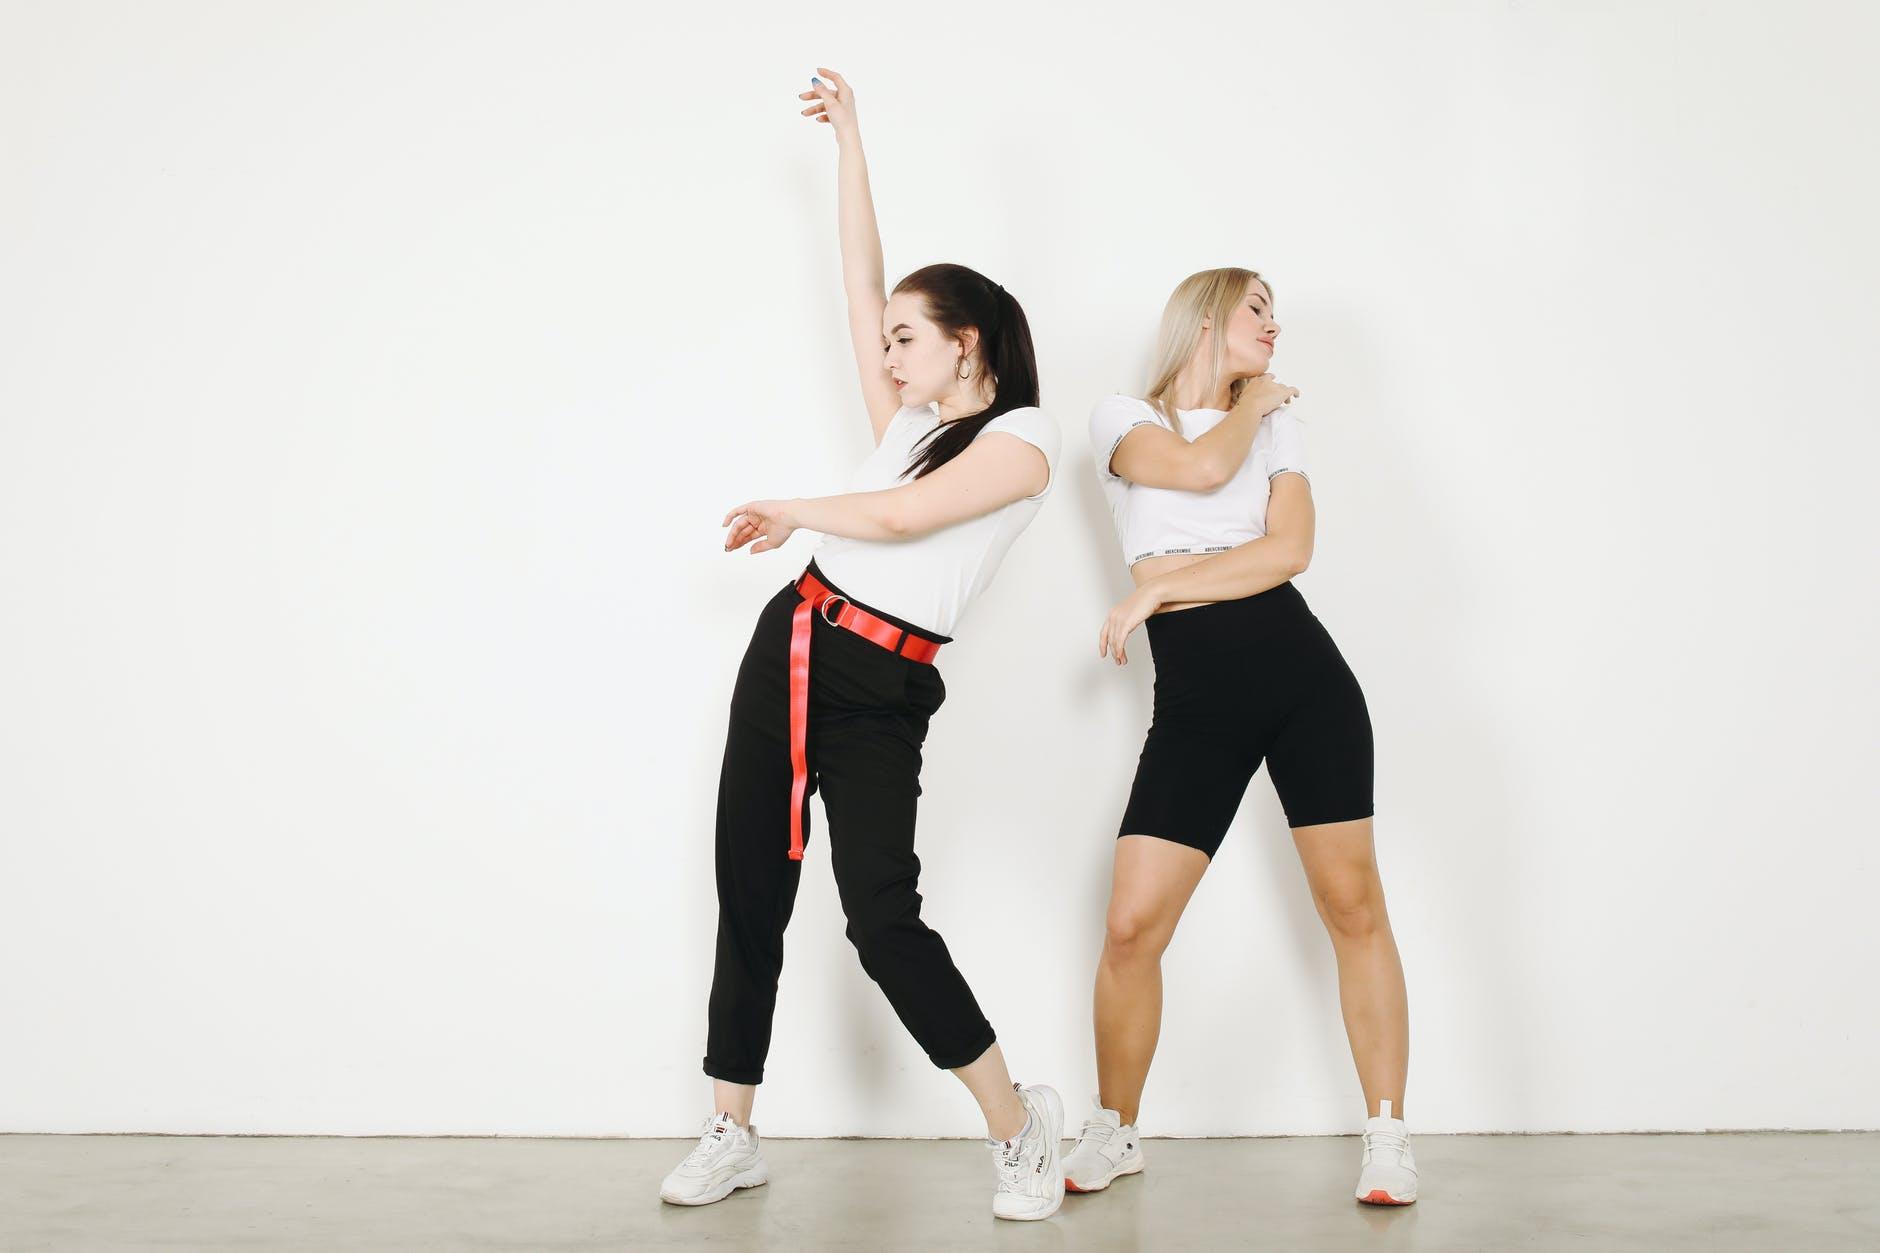 Dansen latin fitness